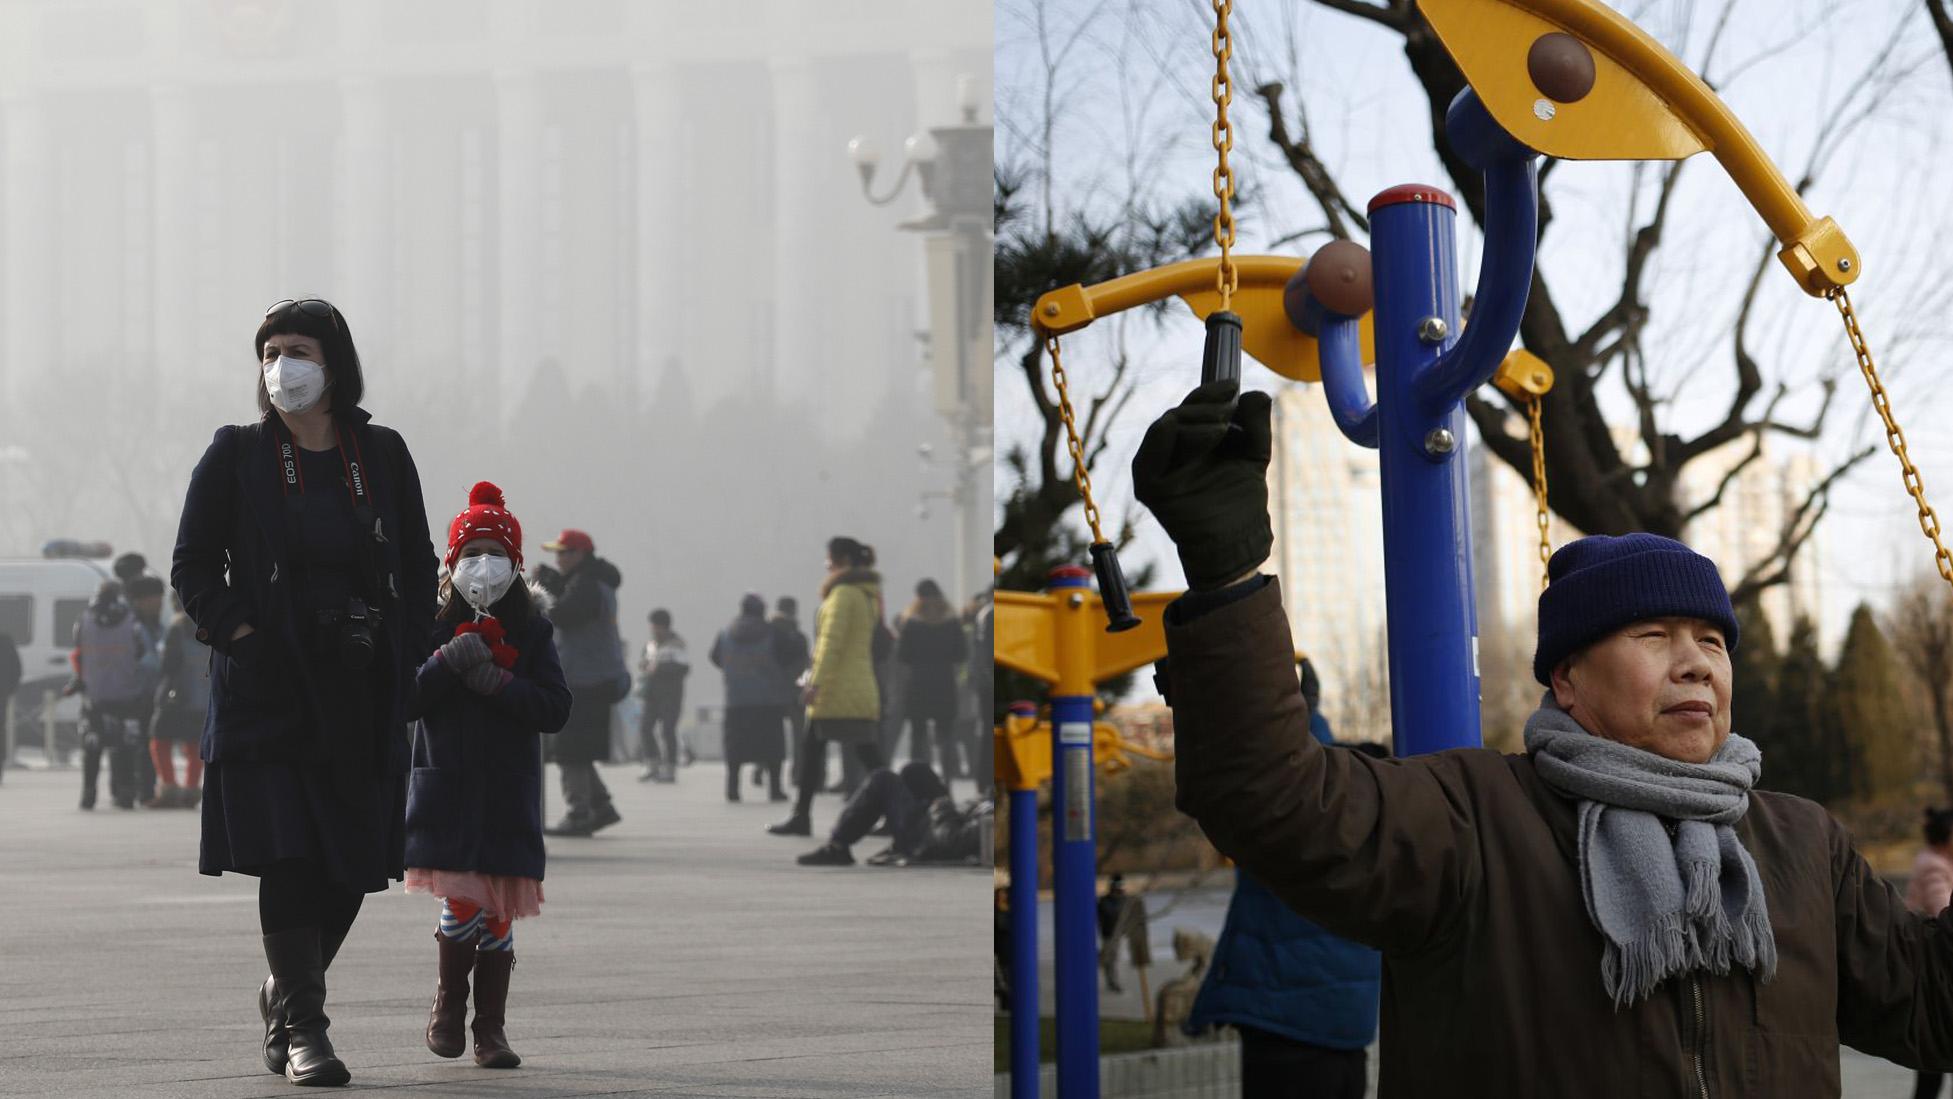 Pollution in Beijing: Wearing masks on Jan. 4; breathing deep on Jan. 8.